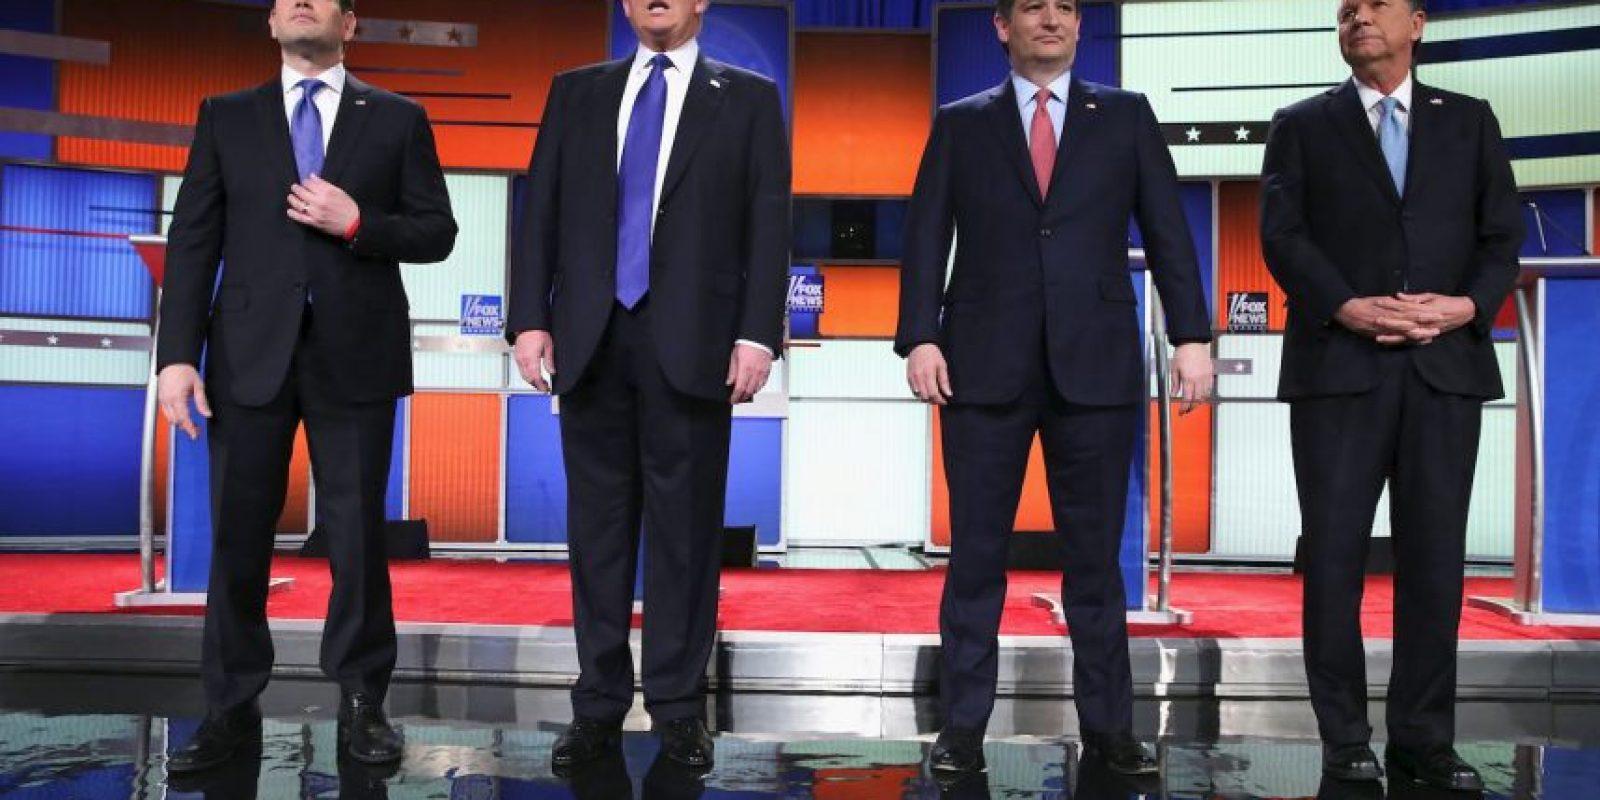 Los precandidatos que se presentaron al debate: Marco Rubio, Donald Trump, Ted Cruz y John Kasich Foto:AP